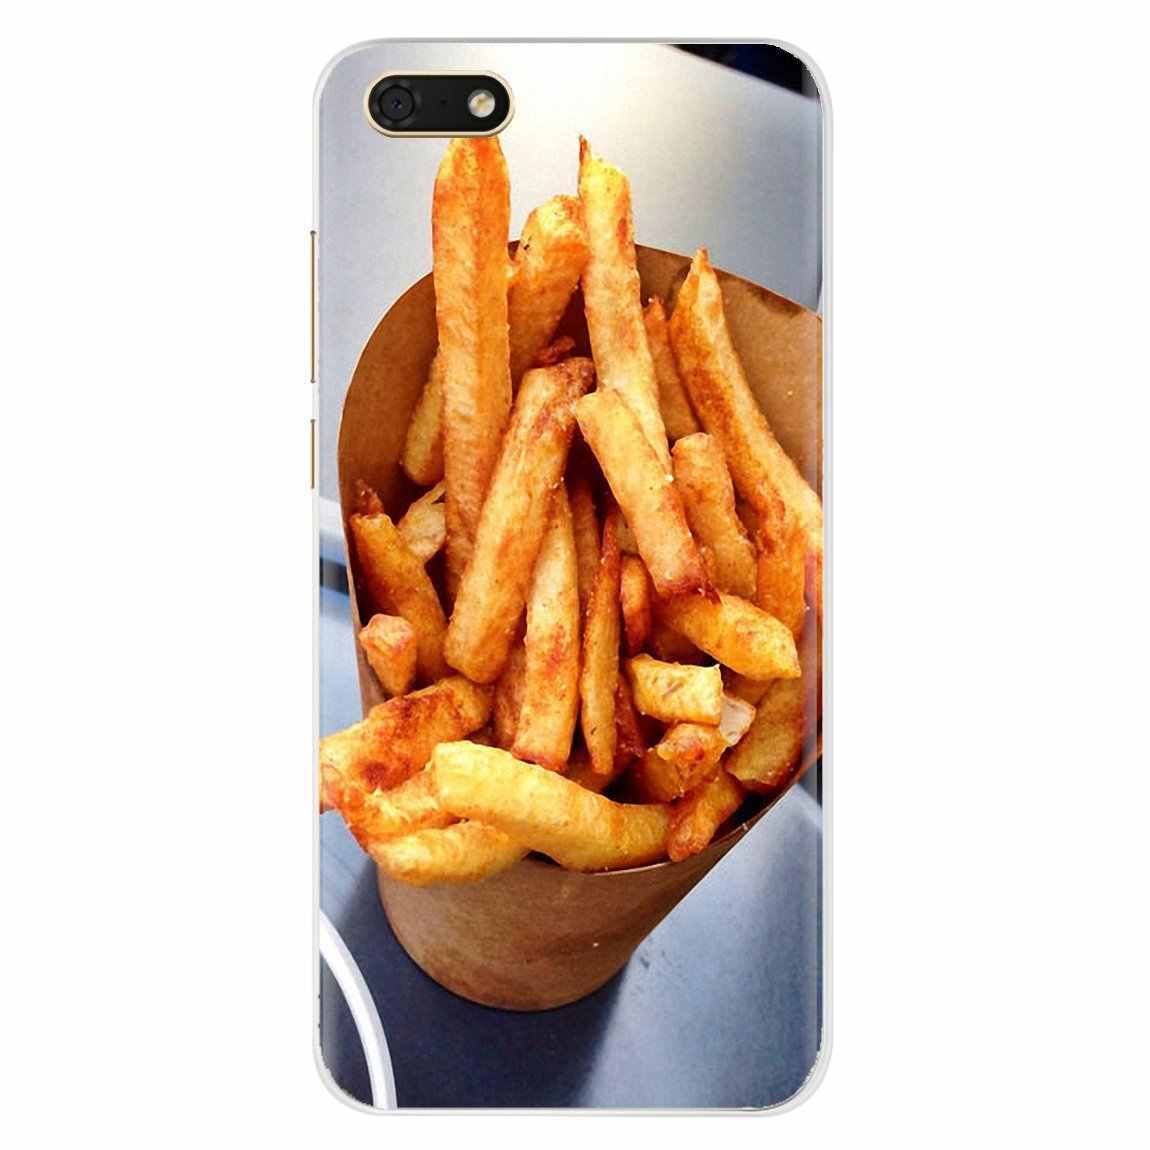 ل شياو mi mi 5 mi 5s mi 6 mi A1 A2 5X6X8 9 Lite SE Pro mi Max mi x 1 2 3 2S البطاطس المقلية عن قرب الغذاء البطاطس سيليكون شل